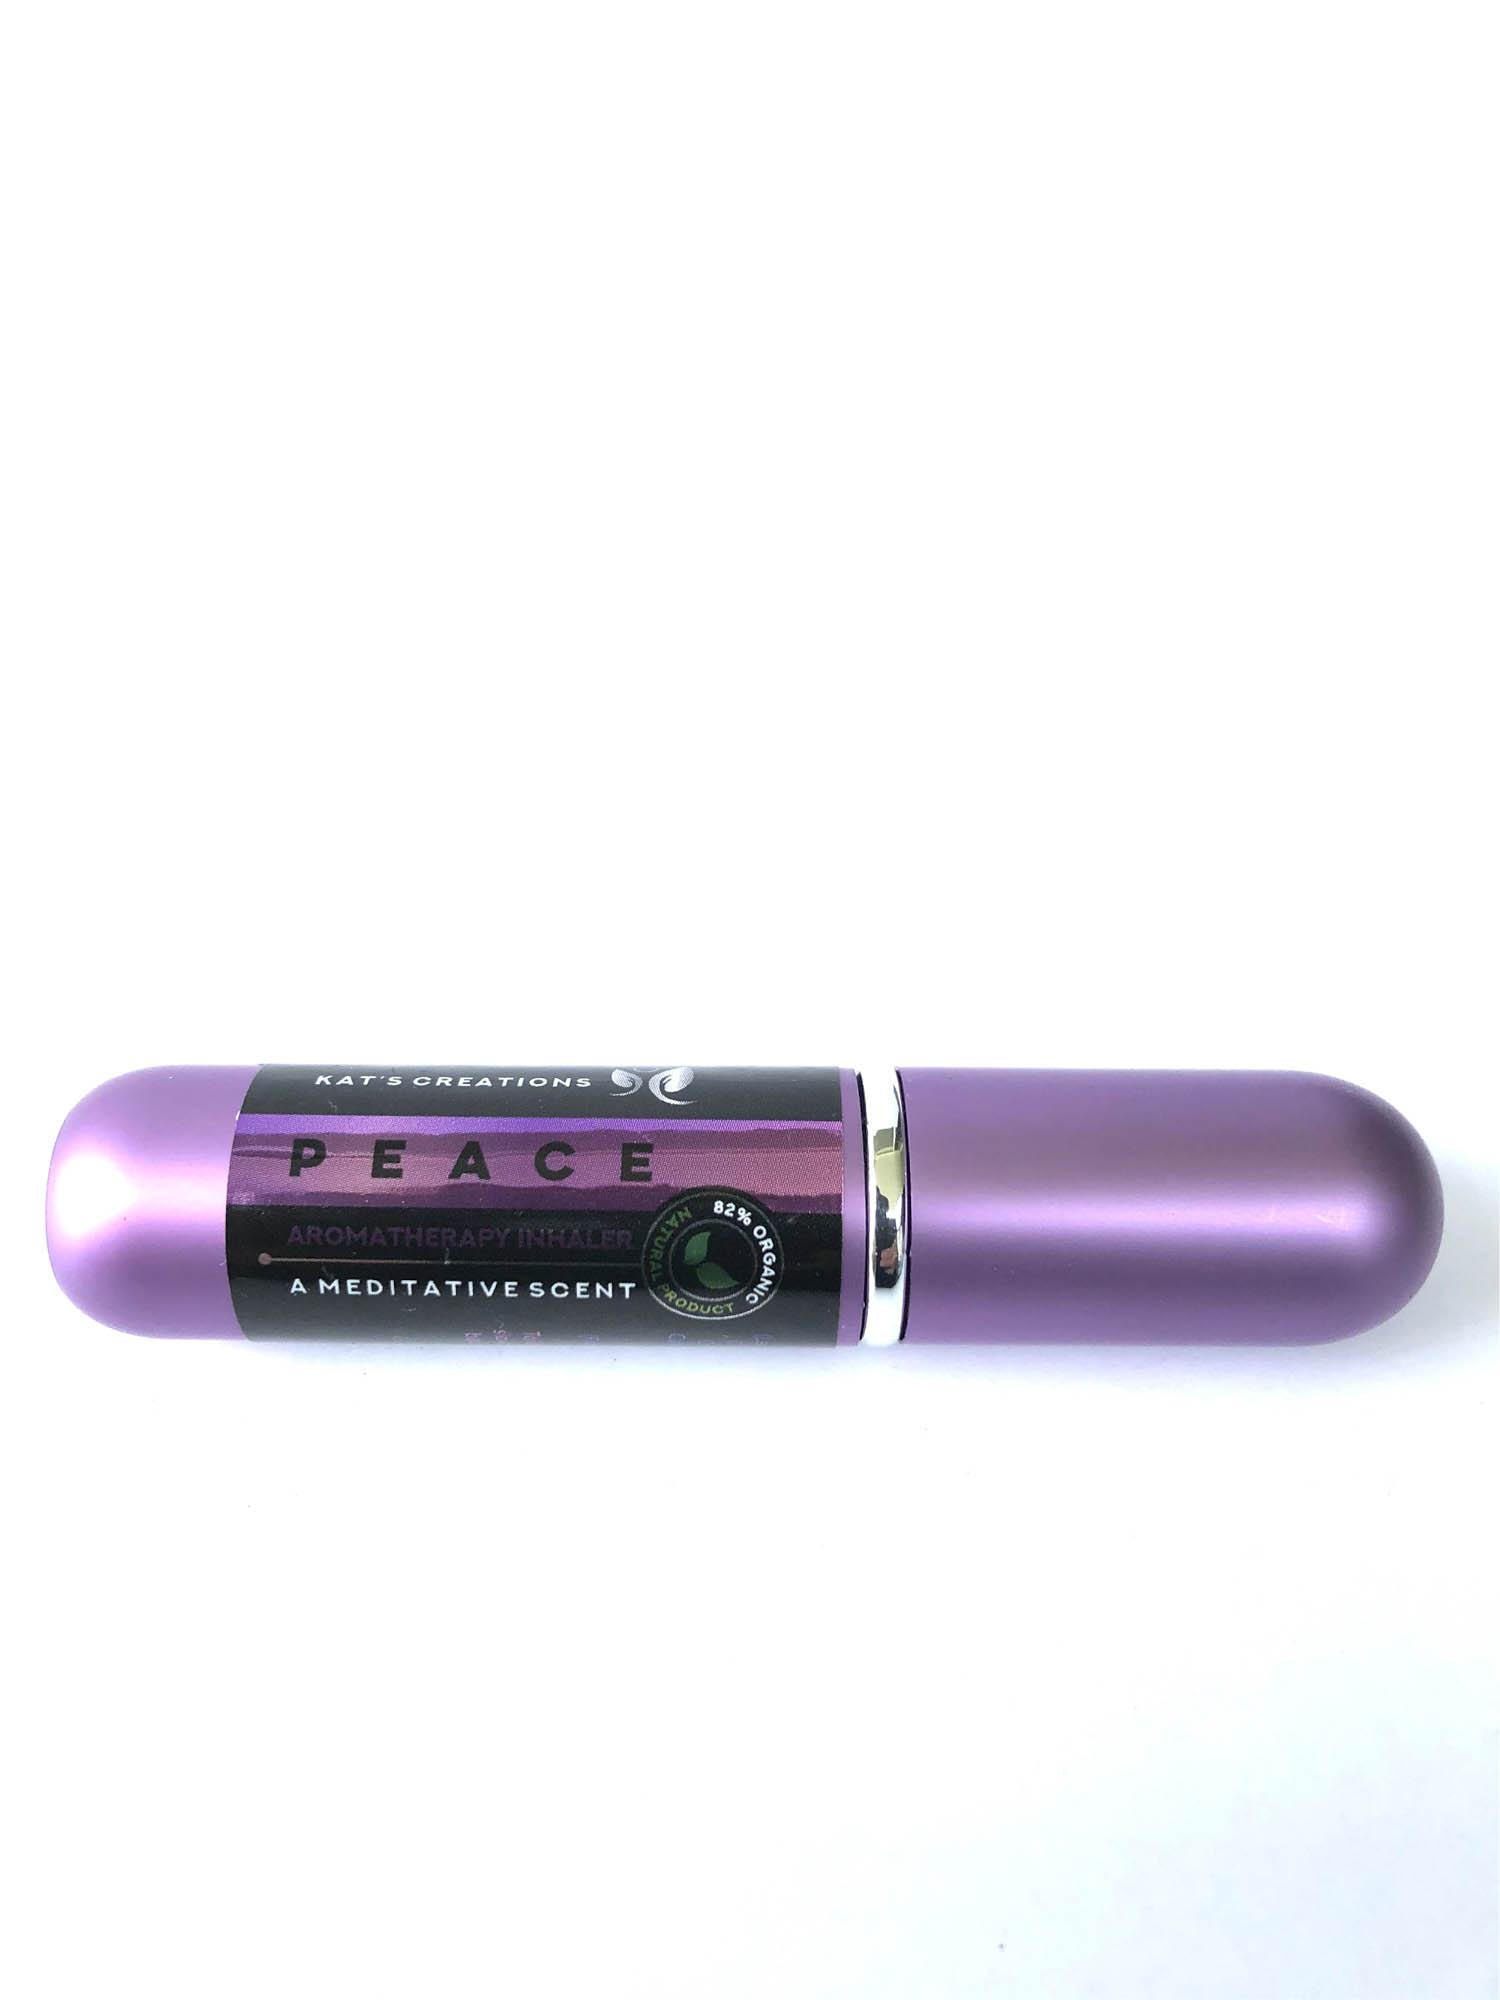 Peace Aromatherapy Inhaler